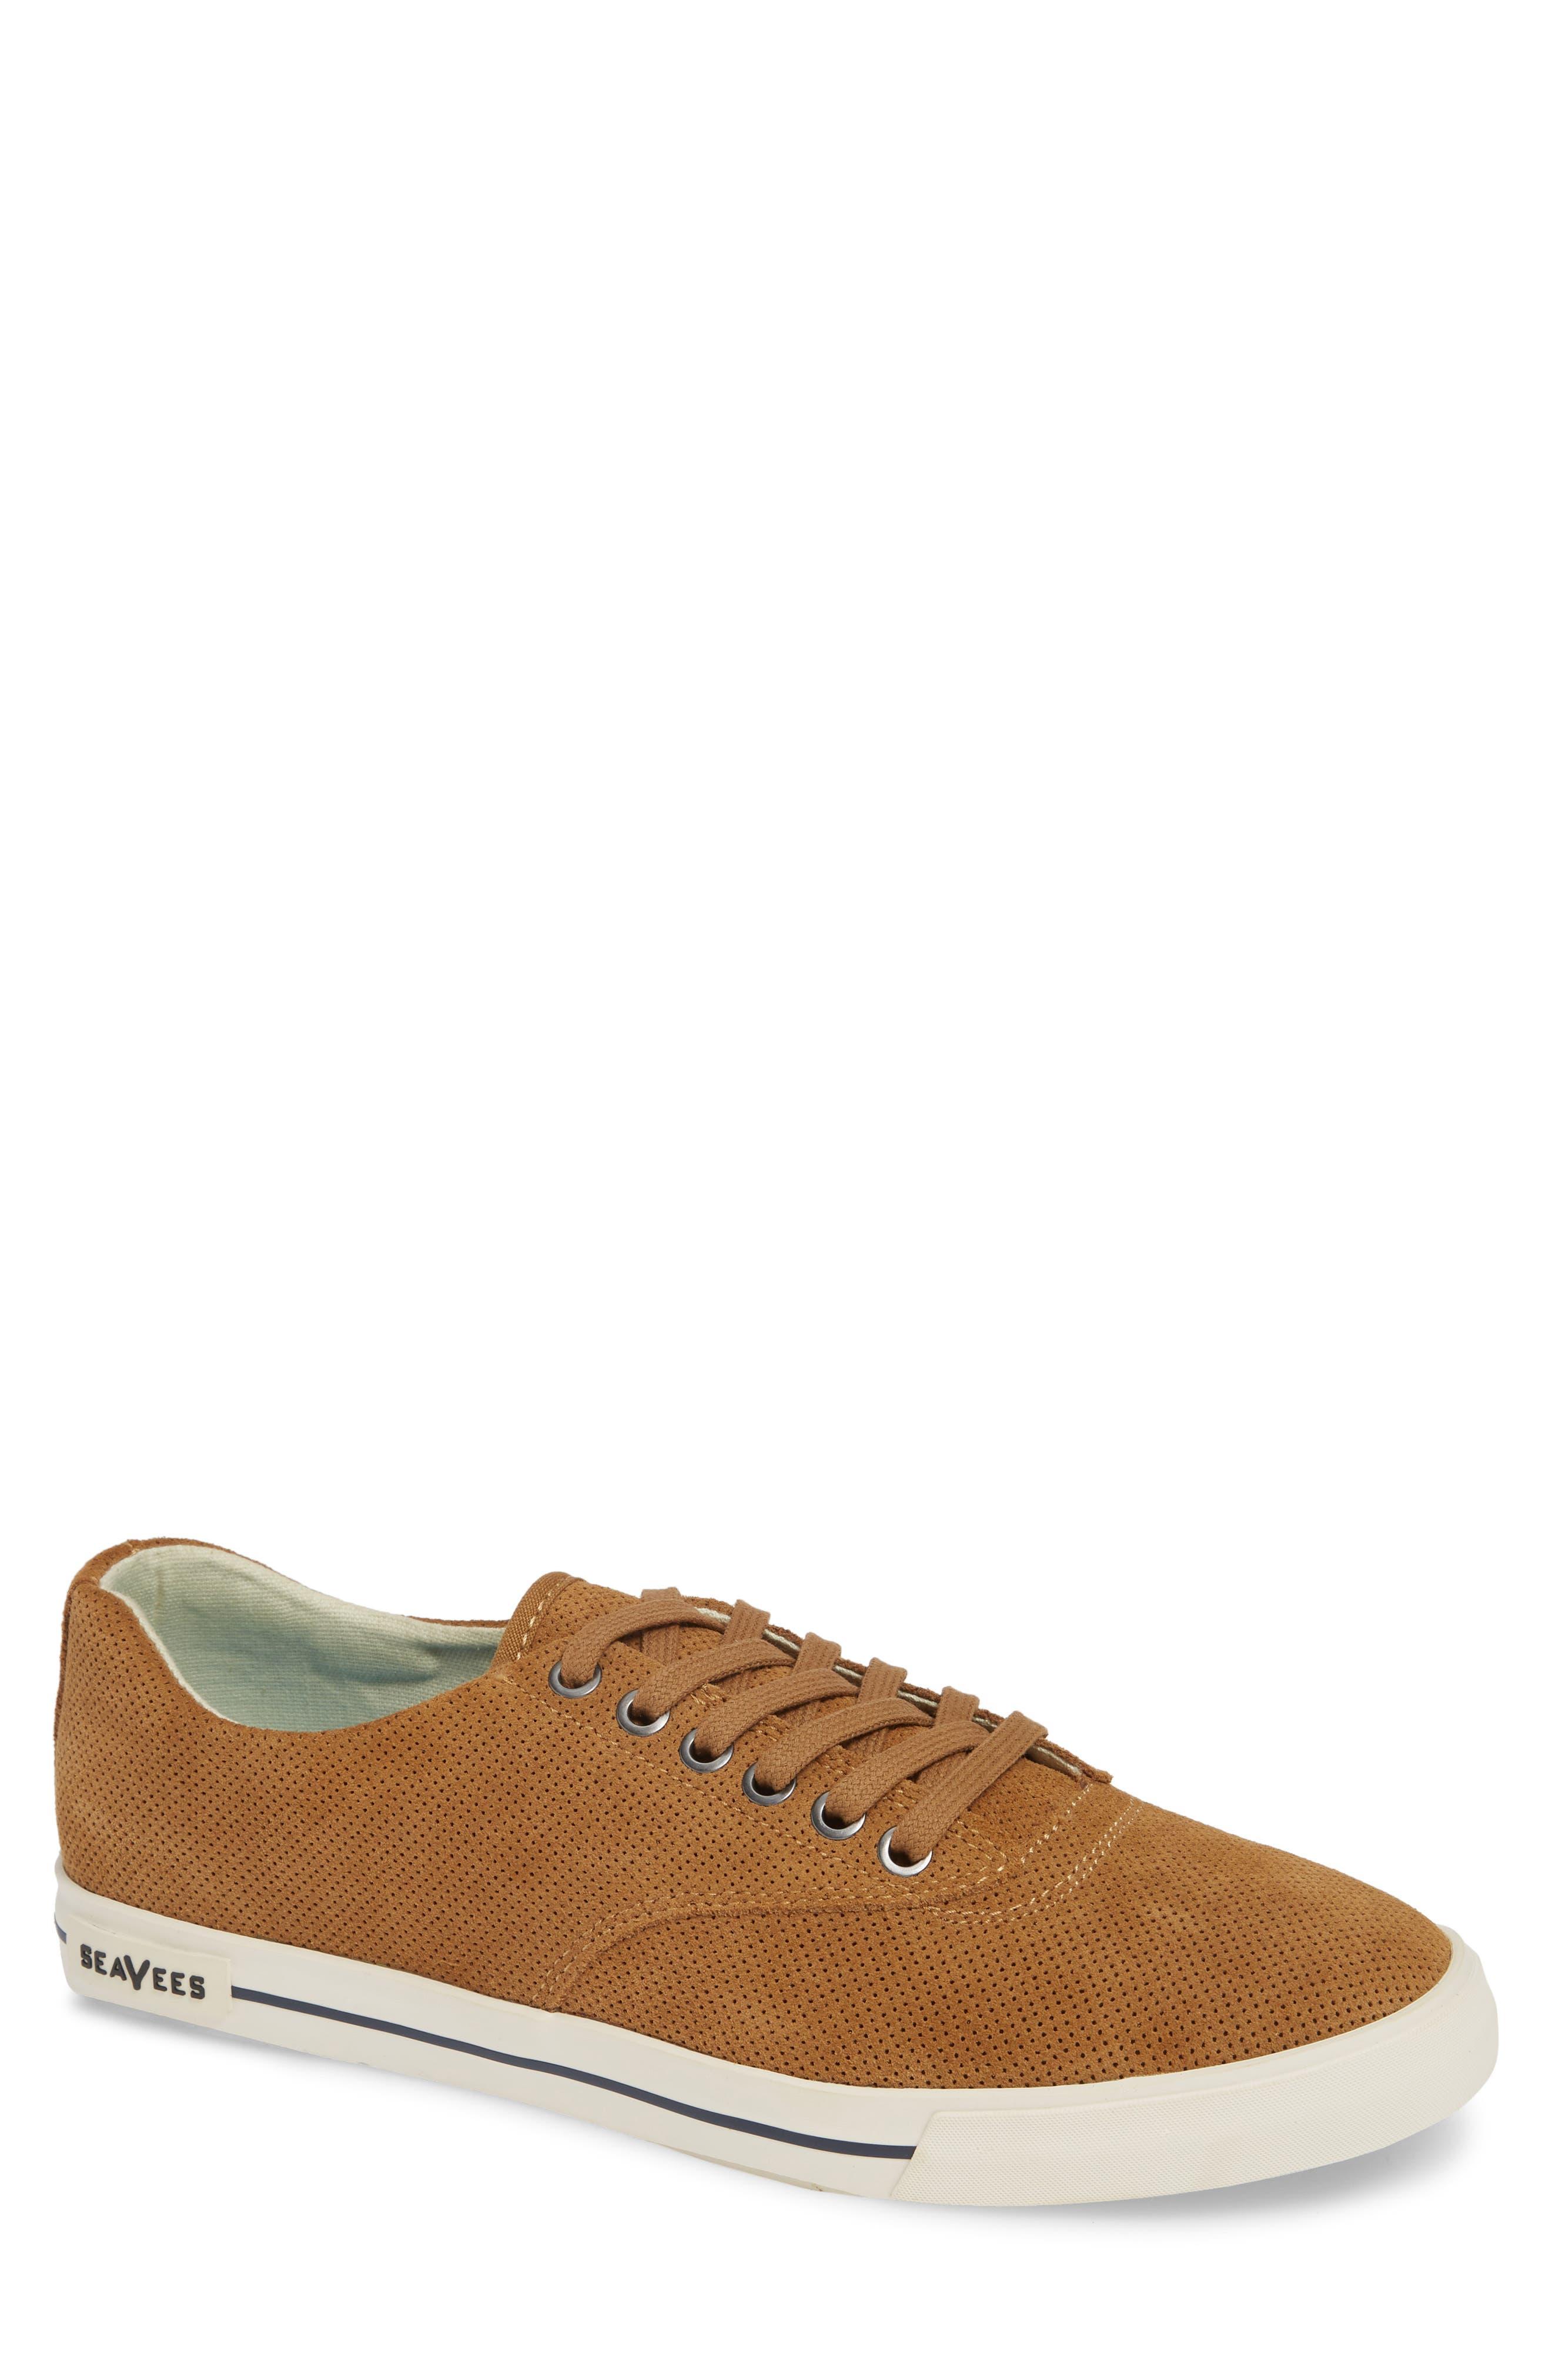 SEAVEES Hermosa Varsity Sneaker in Golden Brown